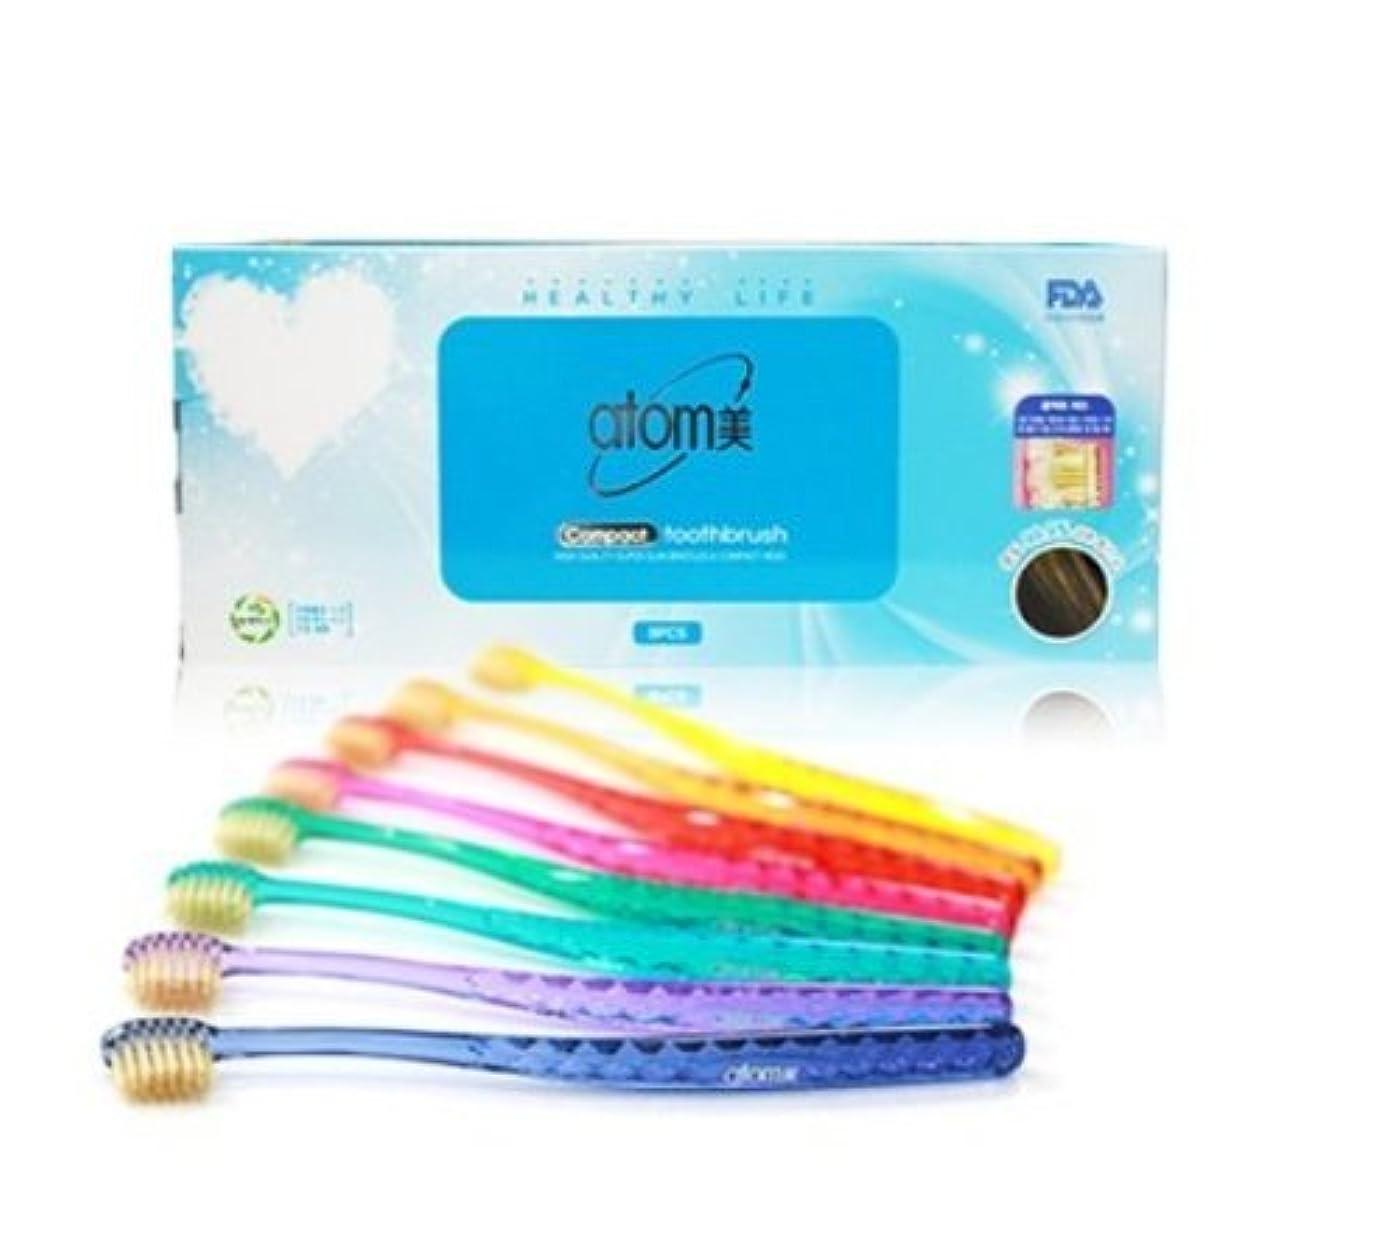 システムプリーツ捨てるAtomi Atomy Atom美 アトミ アトミコンパクト歯ブラシ8本セット